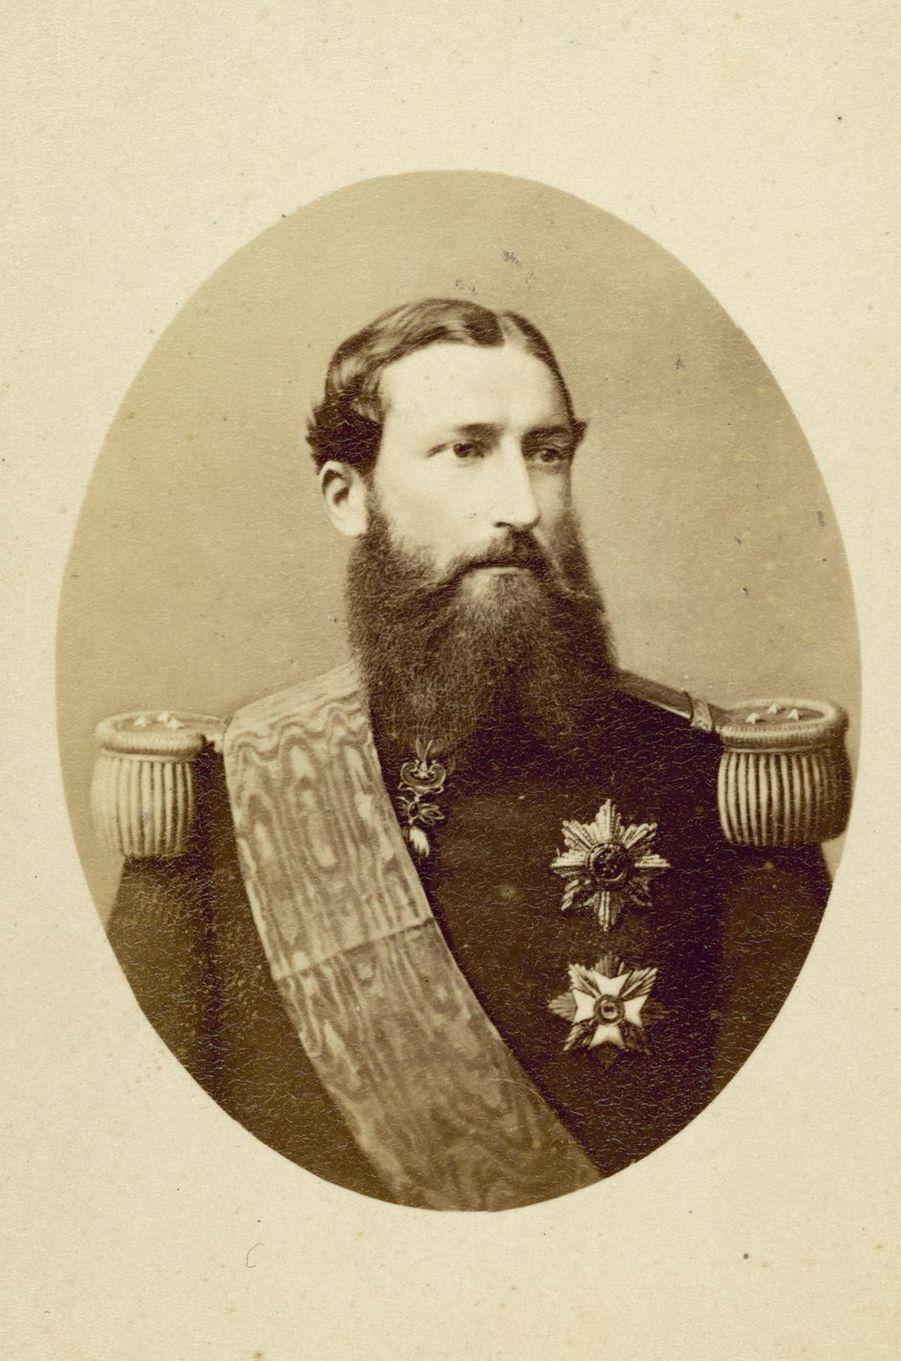 Portrait photographique du roi Léopold II de Belgique